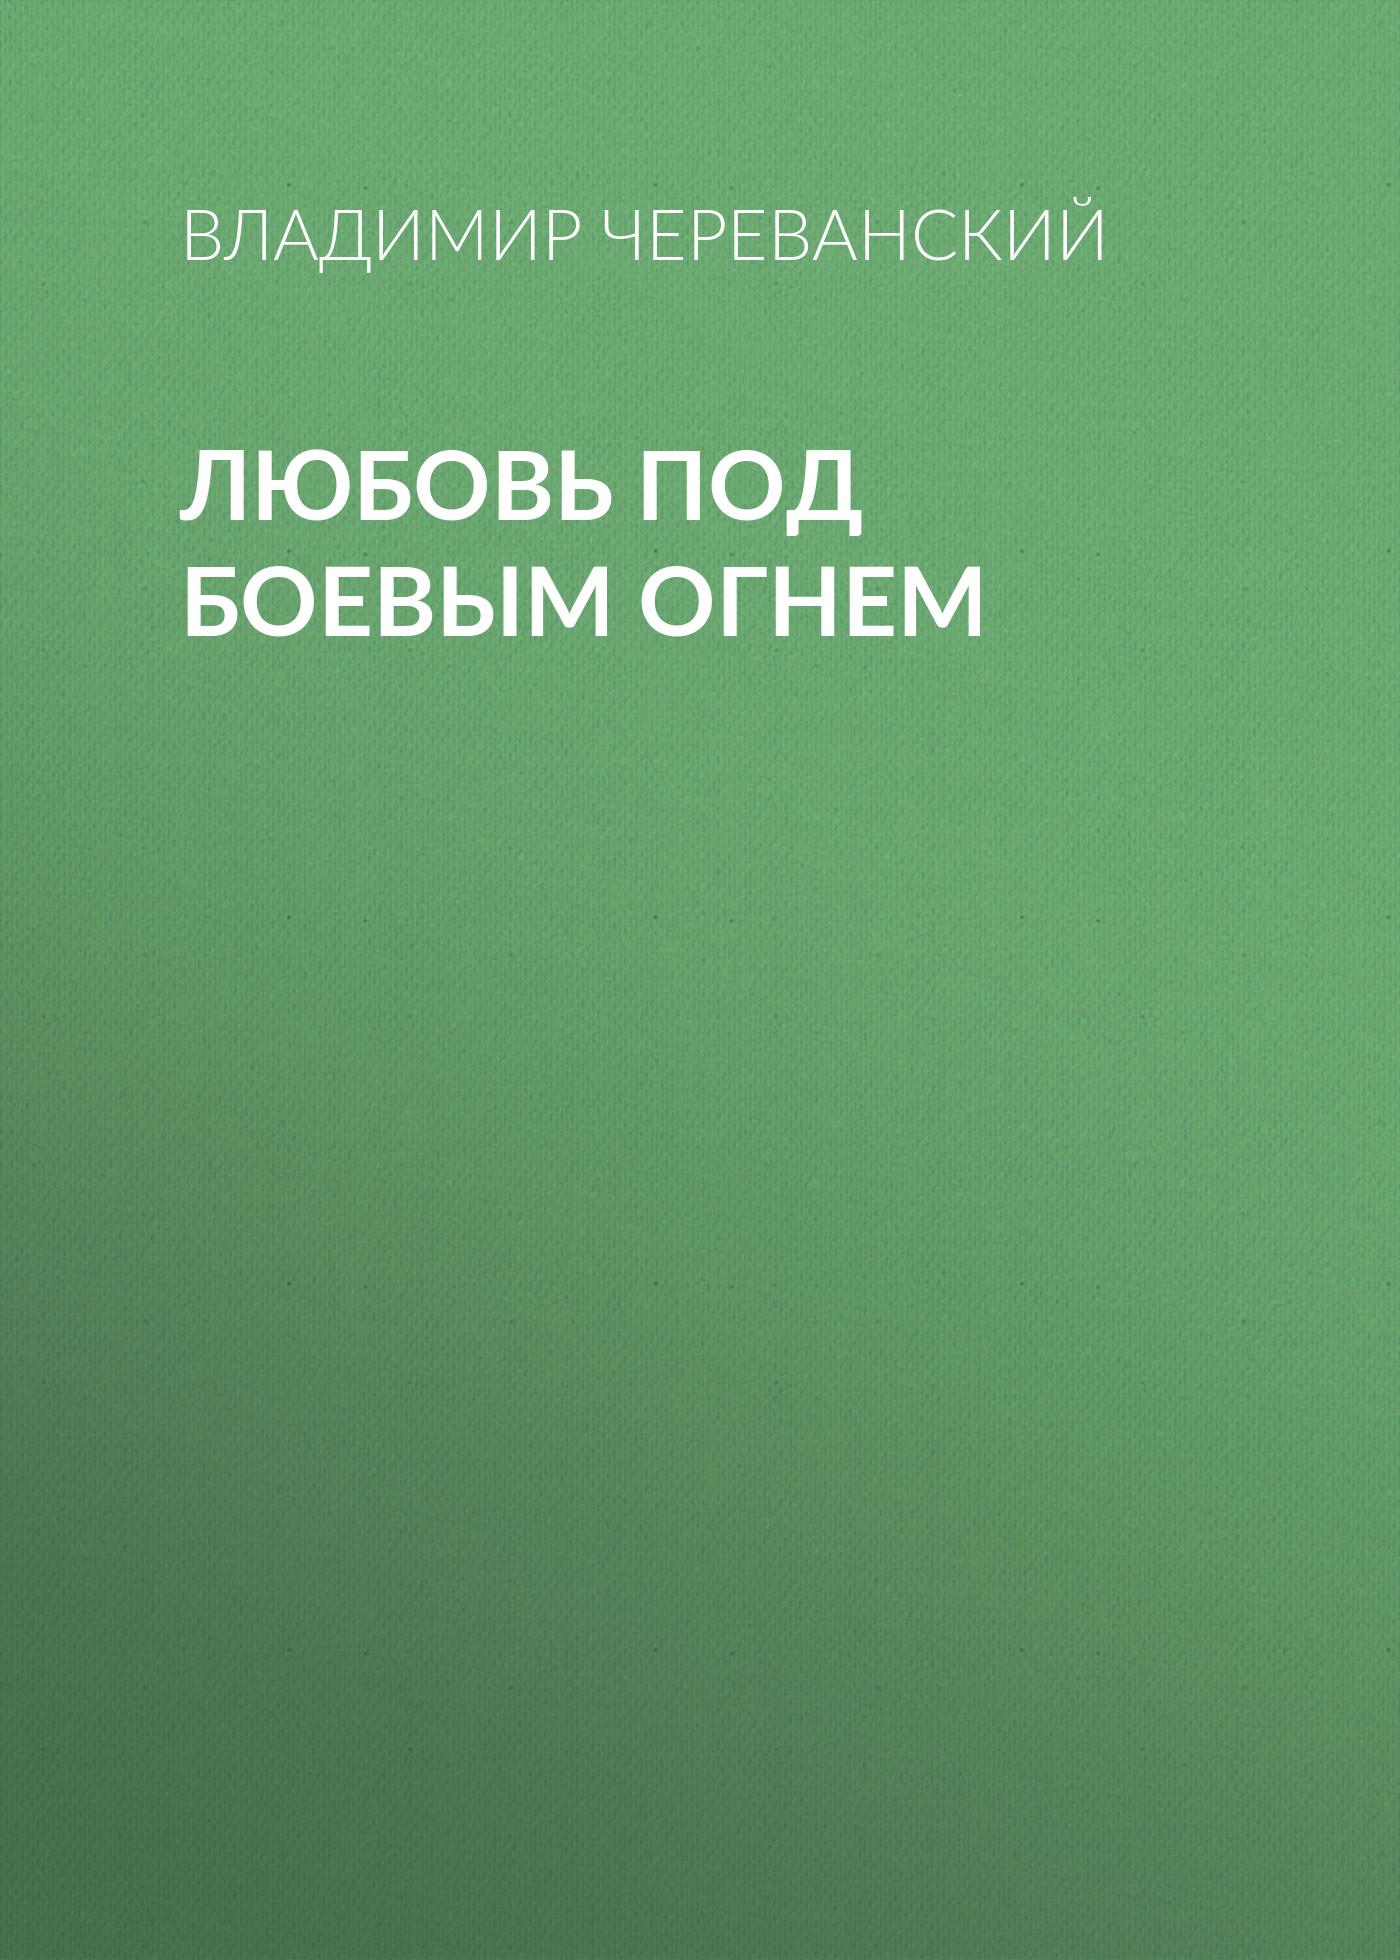 Владимир Череванский Любовь под боевым огнем отсутствует осада и штурм текинской крепости геок тепе